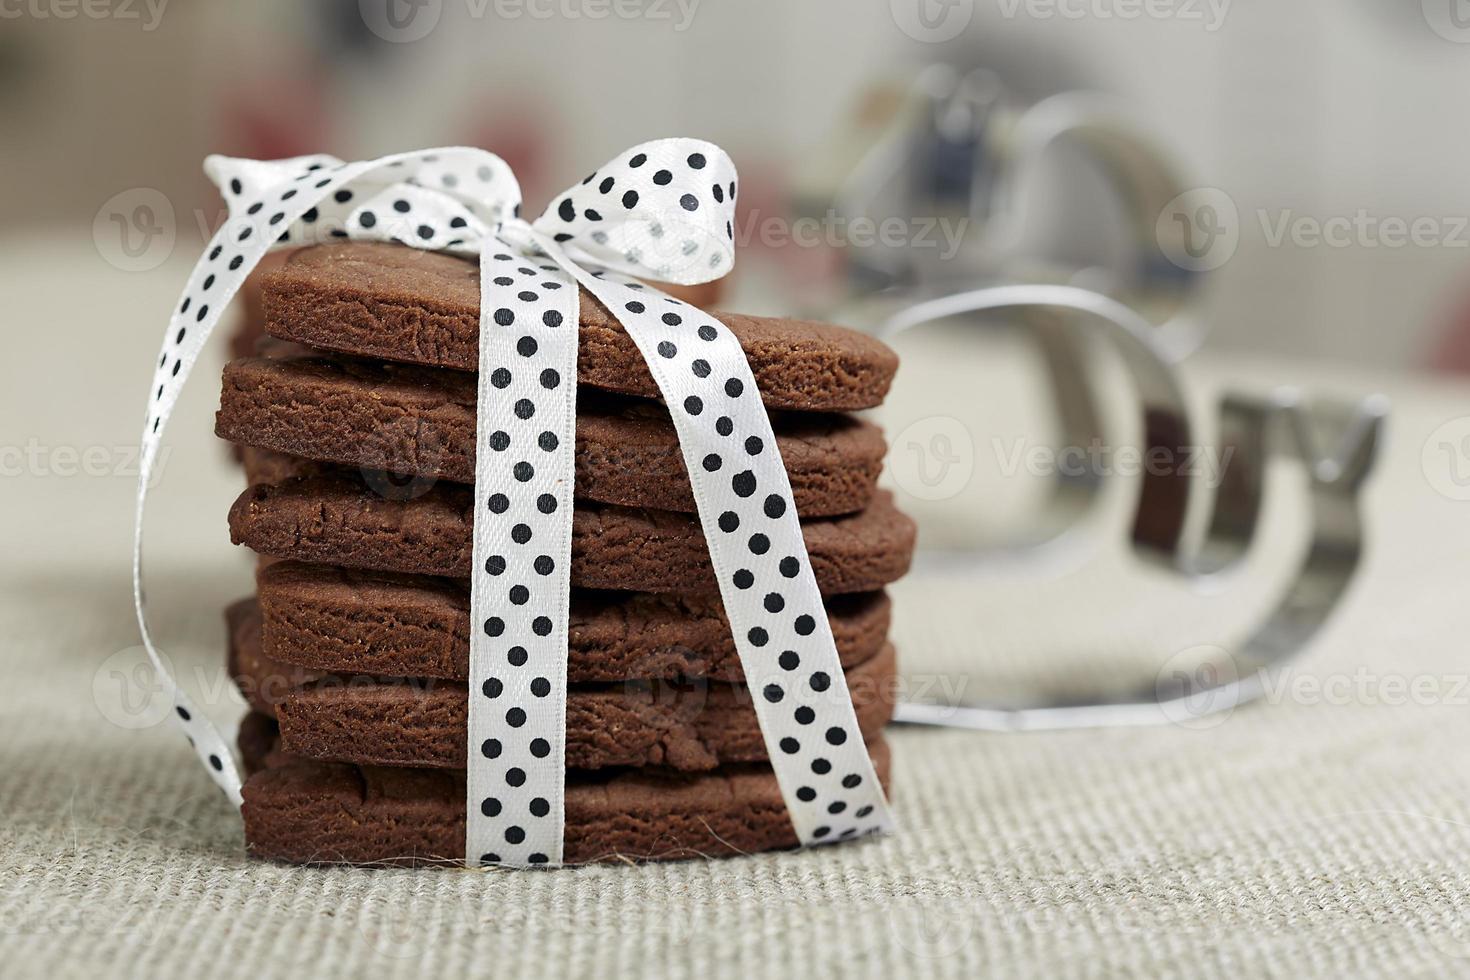 délicieux biscuits au chocolat photo